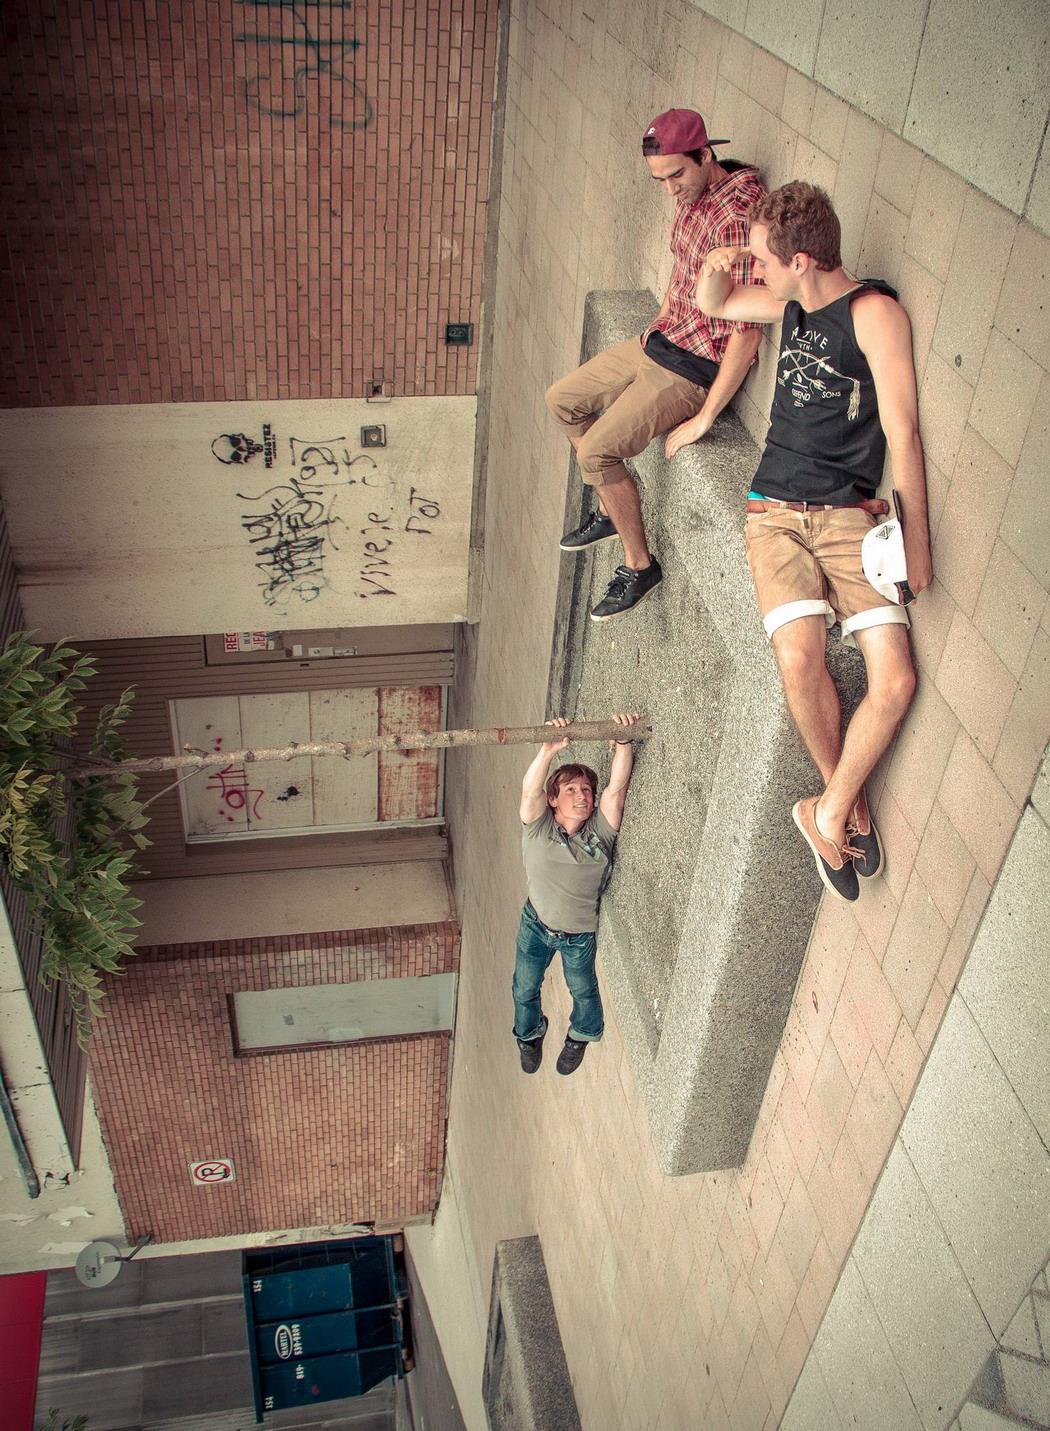 CHISTES,BROMAS E IMÁGENES GRACIOSAS-https://www.blogdehumor.com/wp-content/2012/08/foto-original.jpg